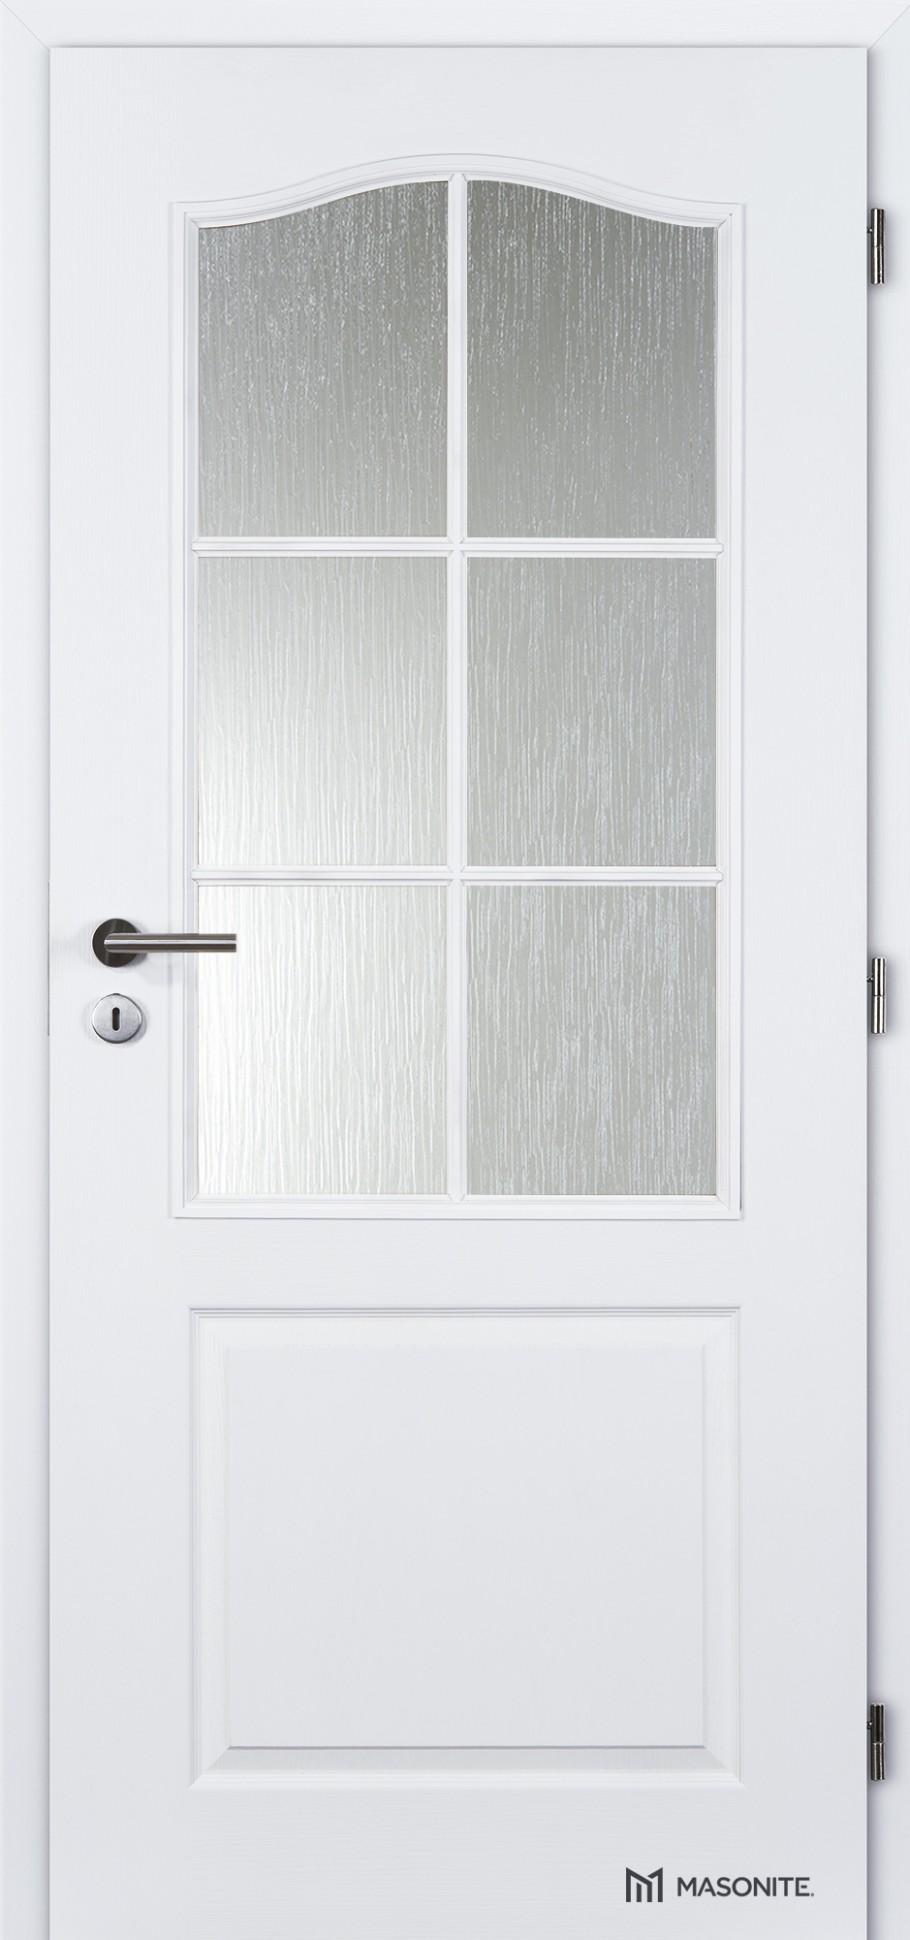 4 nejlepší z interiérové dveře bílé